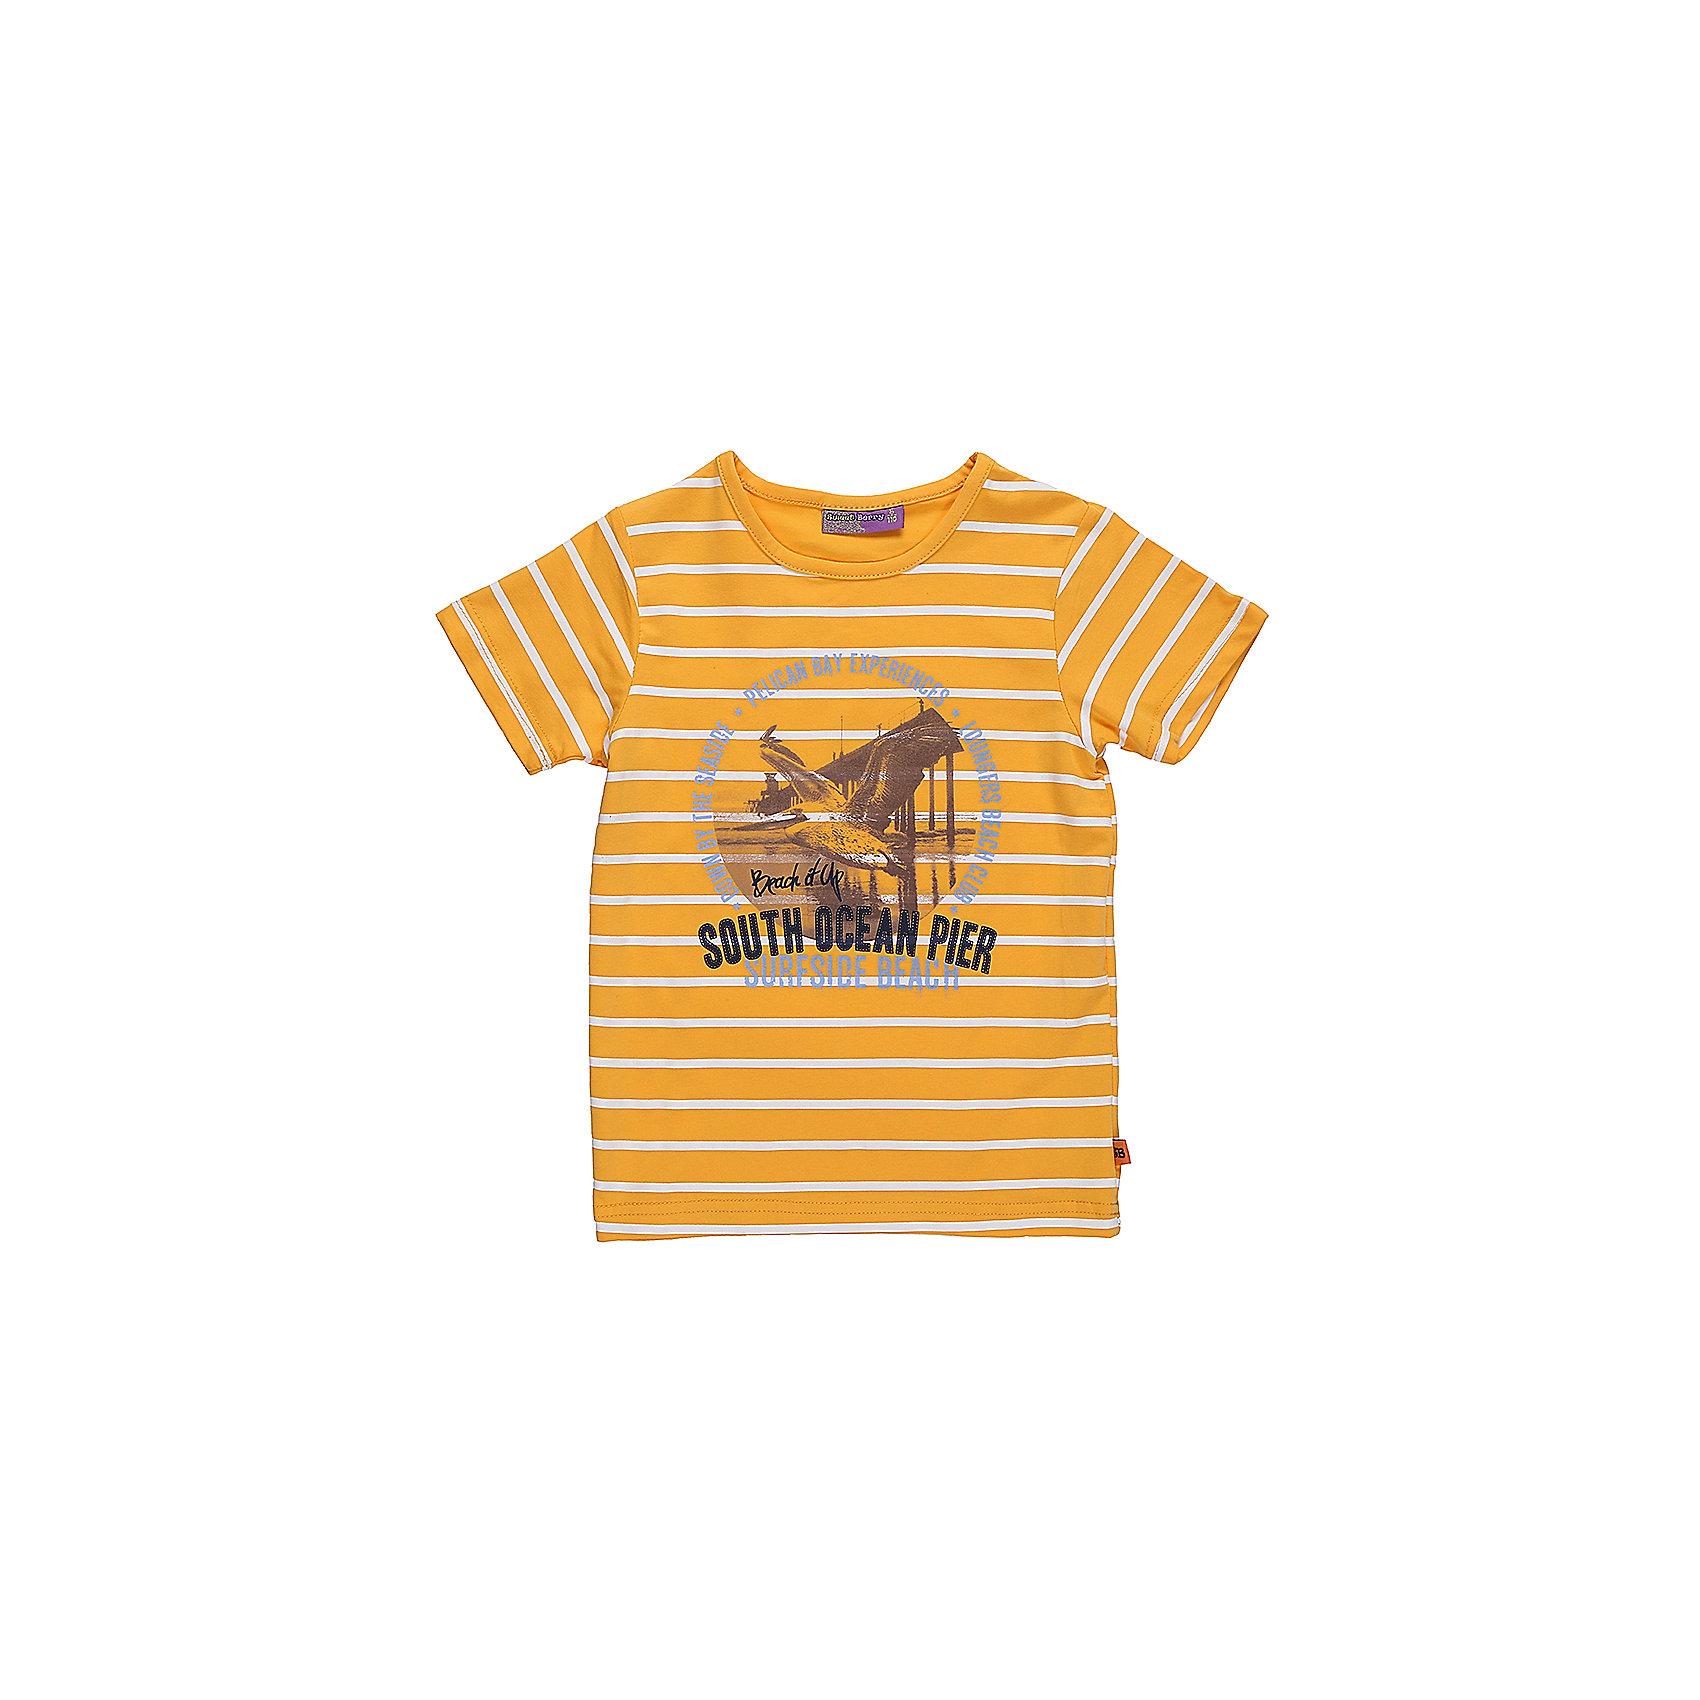 Футболка для мальчика Sweet BerryФутболки, поло и топы<br>Яркая футболка из трикотажной, мягкой ткани для мальчика с коротким рукавом. Декорирована оригинальным принтом.<br>Состав:<br>95%хлопок 5%эластан<br><br>Ширина мм: 199<br>Глубина мм: 10<br>Высота мм: 161<br>Вес г: 151<br>Цвет: разноцветный<br>Возраст от месяцев: 36<br>Возраст до месяцев: 48<br>Пол: Мужской<br>Возраст: Детский<br>Размер: 104,98,110,116,122,128<br>SKU: 5410354